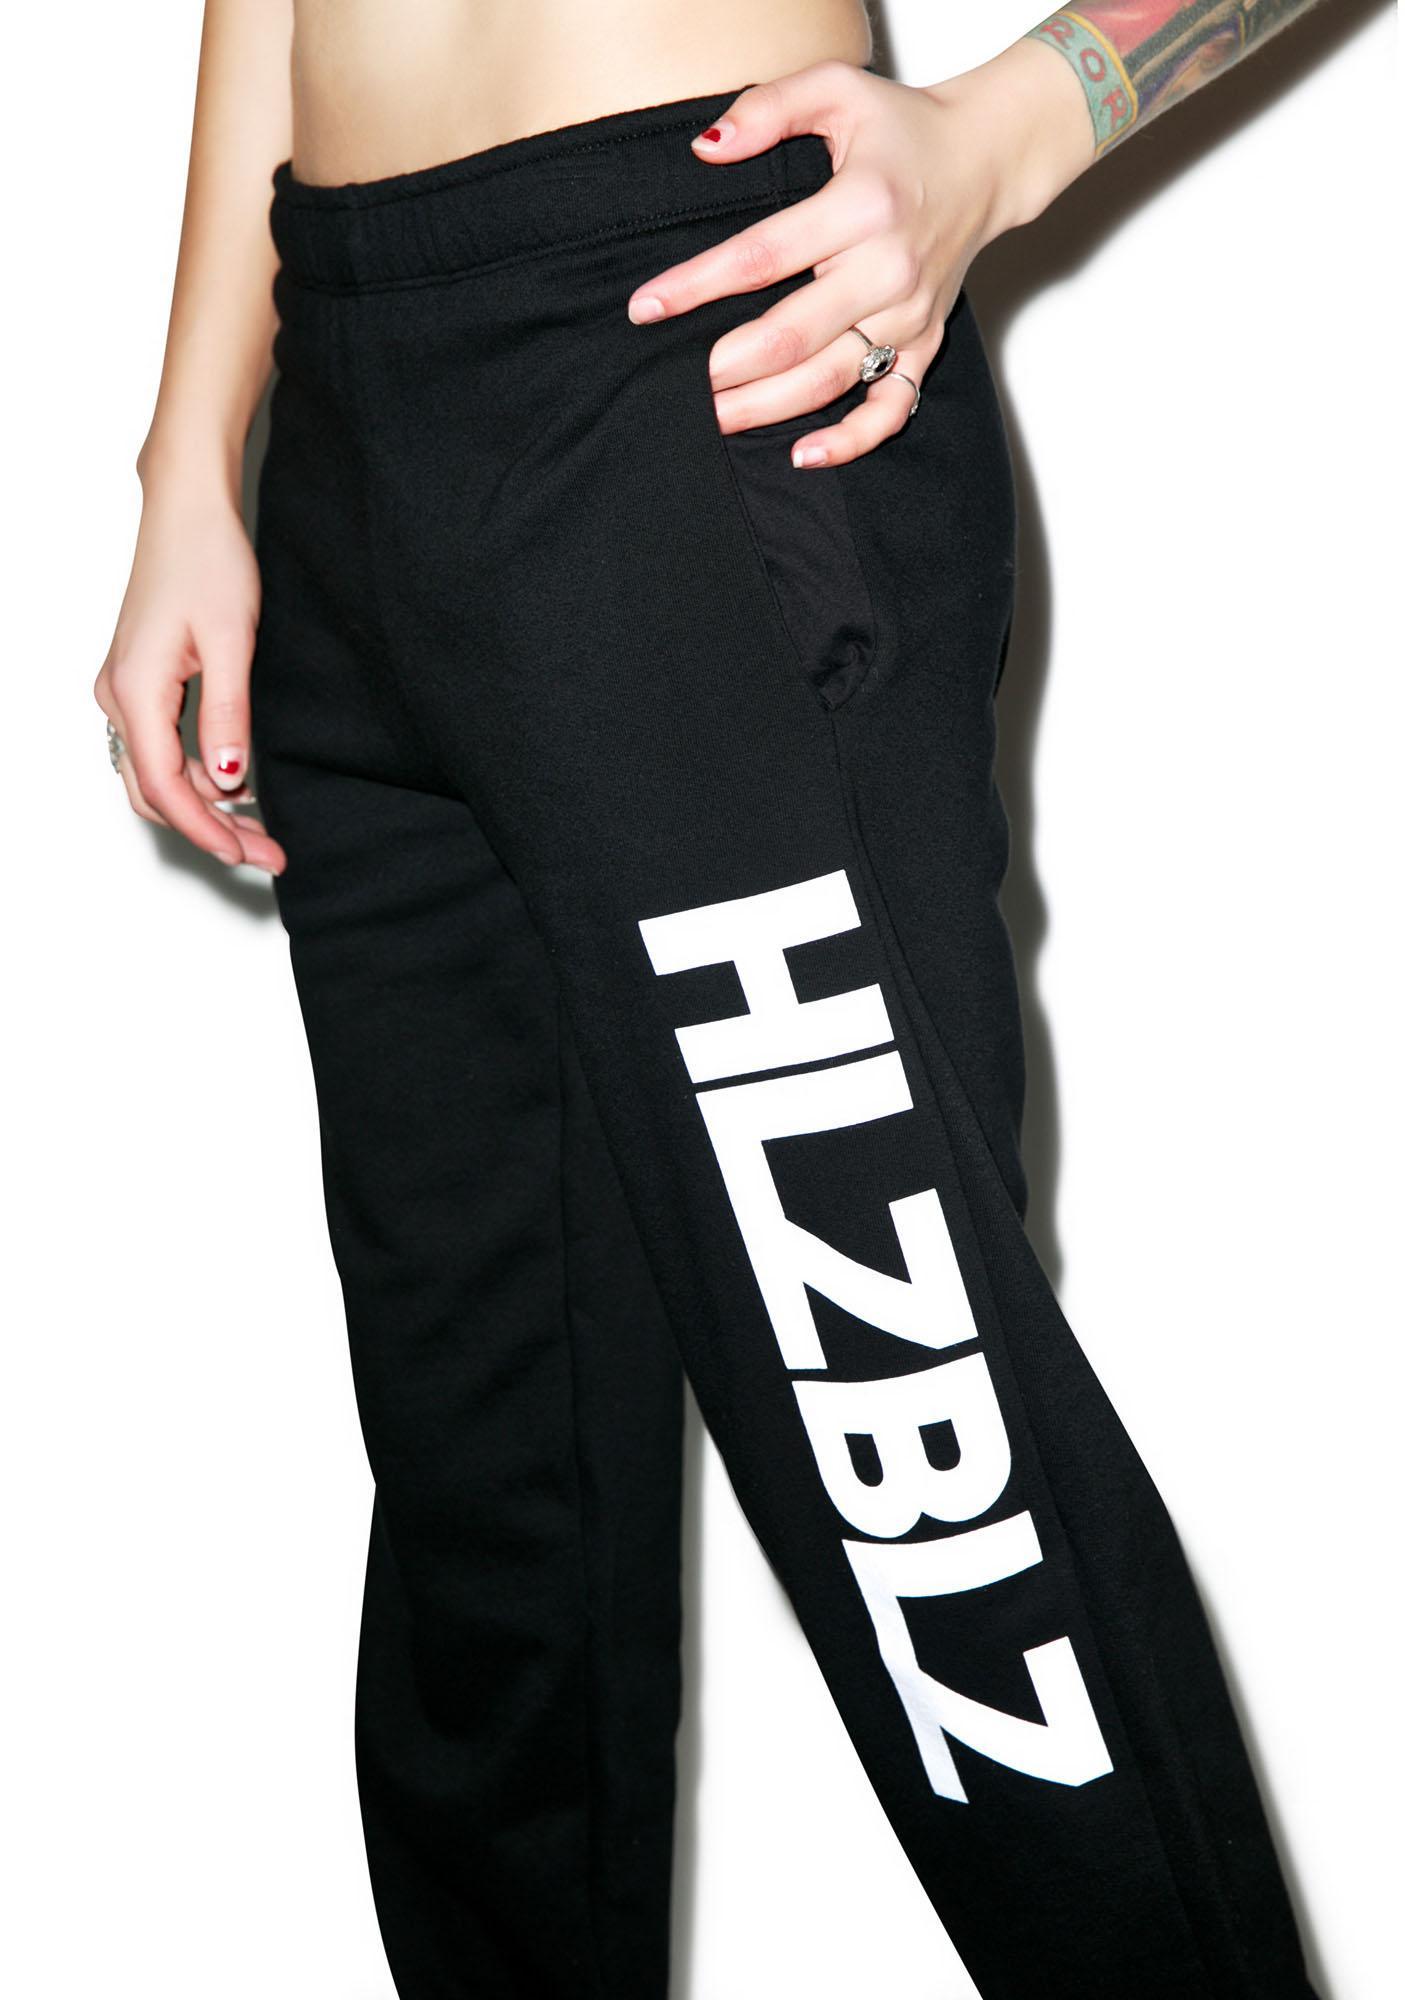 HLZBLZ Hlz Black Pants